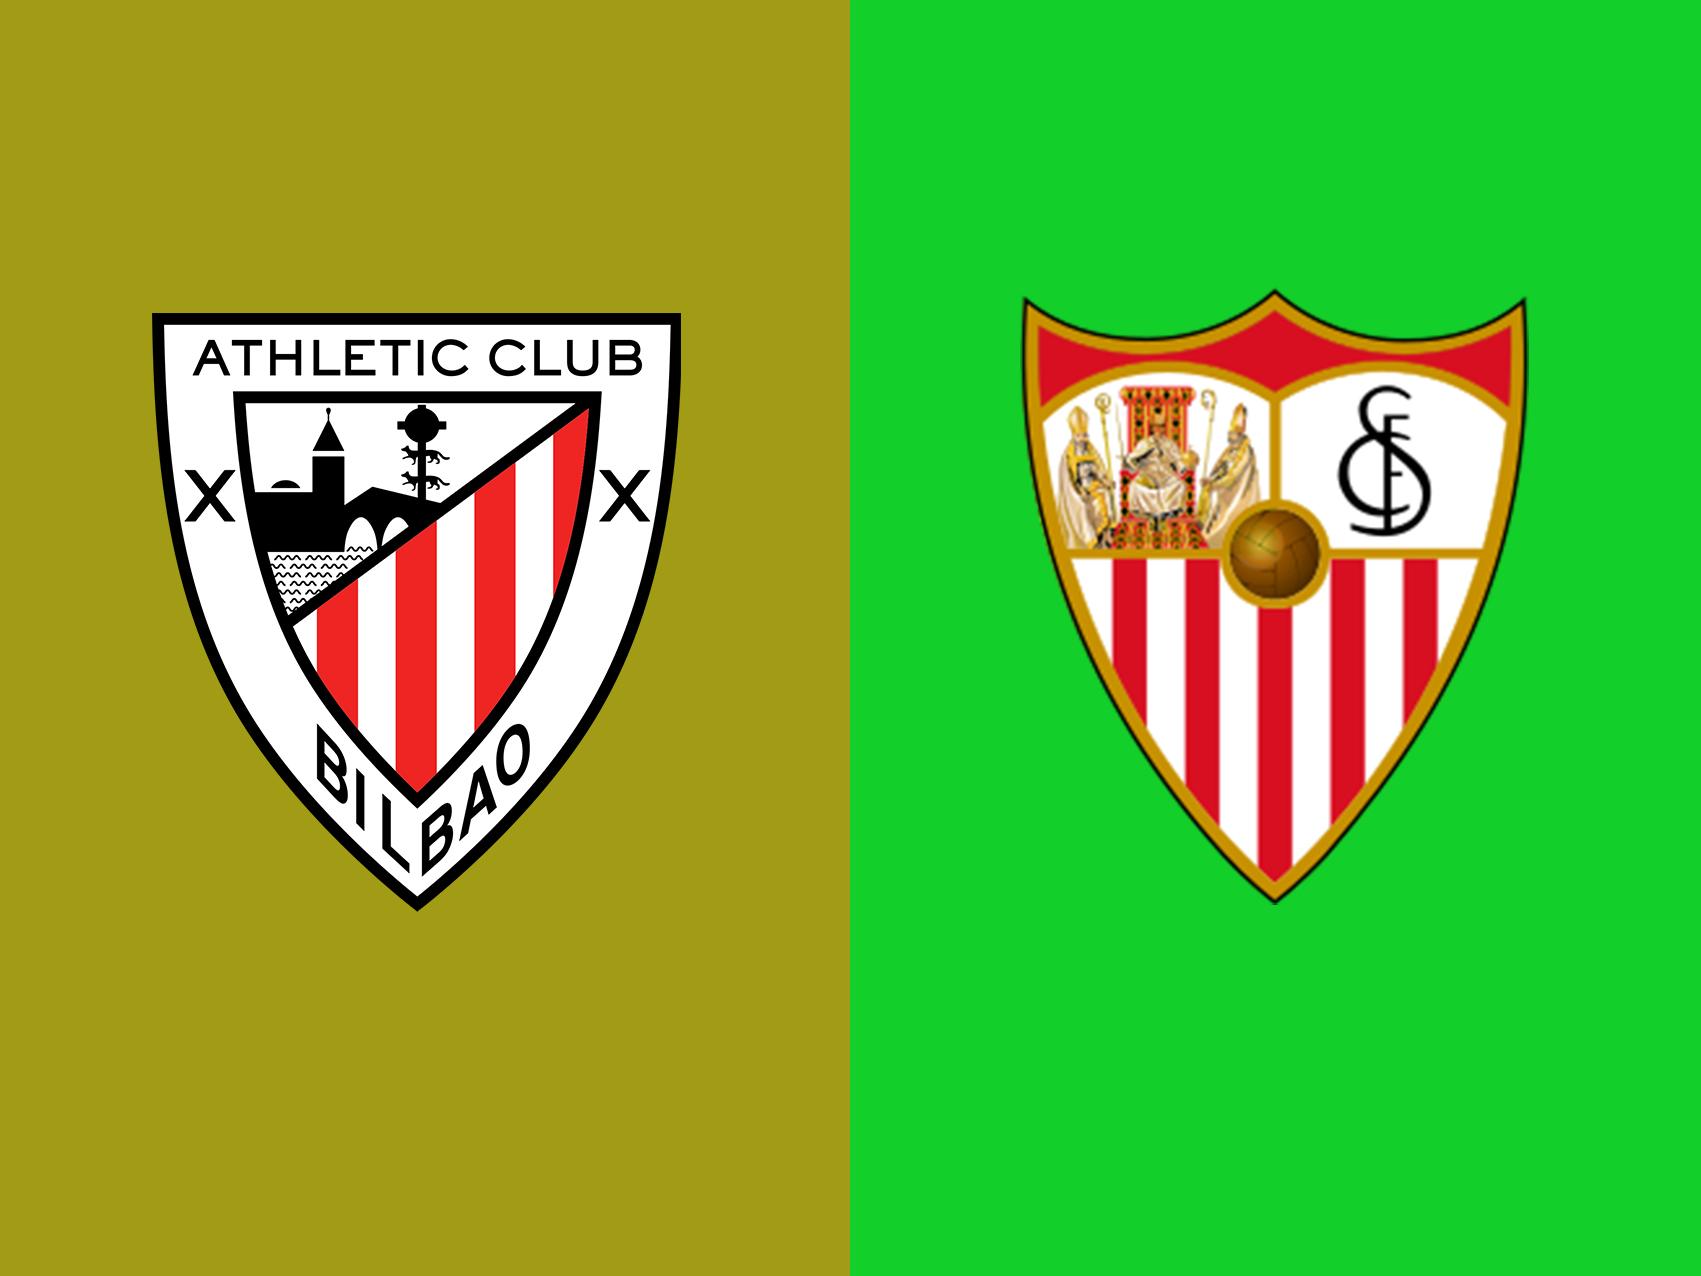 soi-keo-ca-cuoc-bong-da-ngay-11-1-athletic-bilbao-vs-sevilla-hiem-dia-san-mames-b9 1